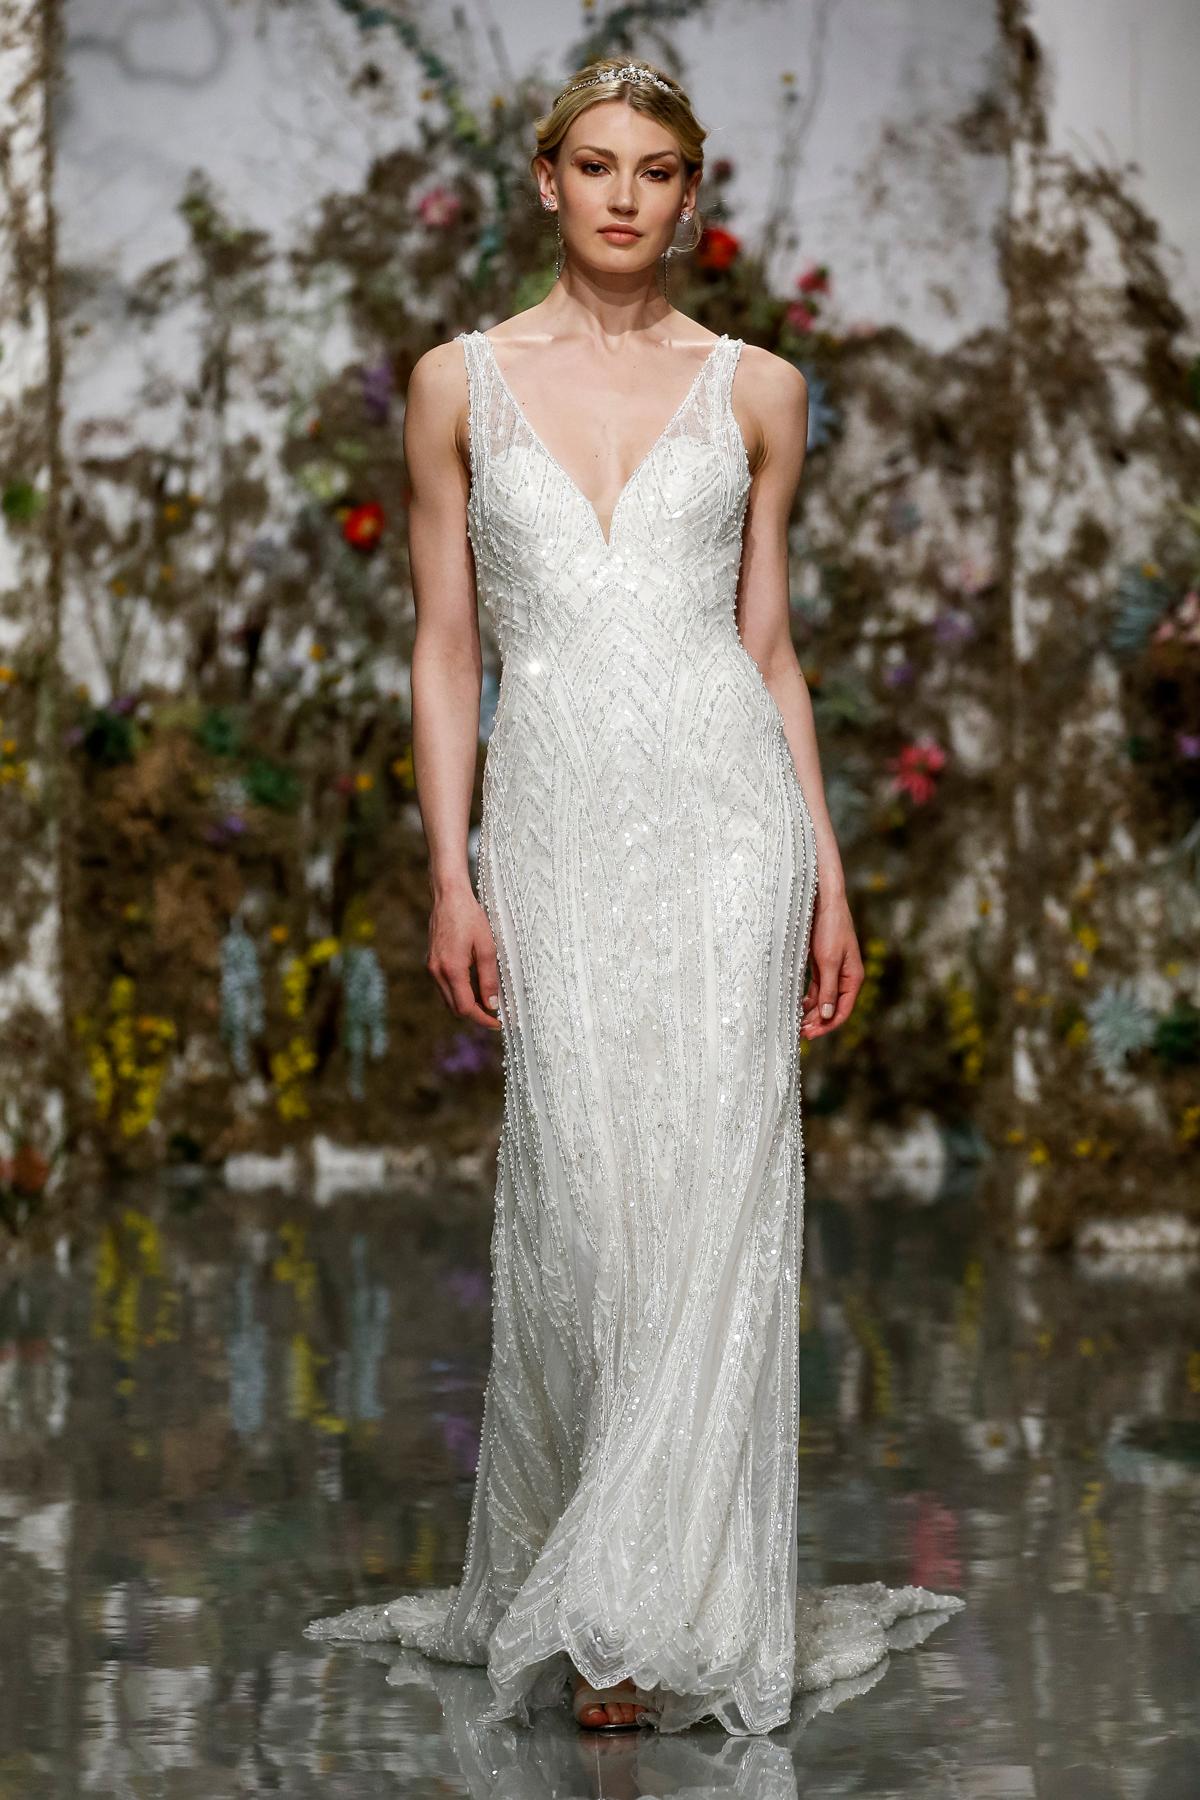 deep v-neck glitter beaded sheath dress Morilee by Madeline Gardner Spring 2020